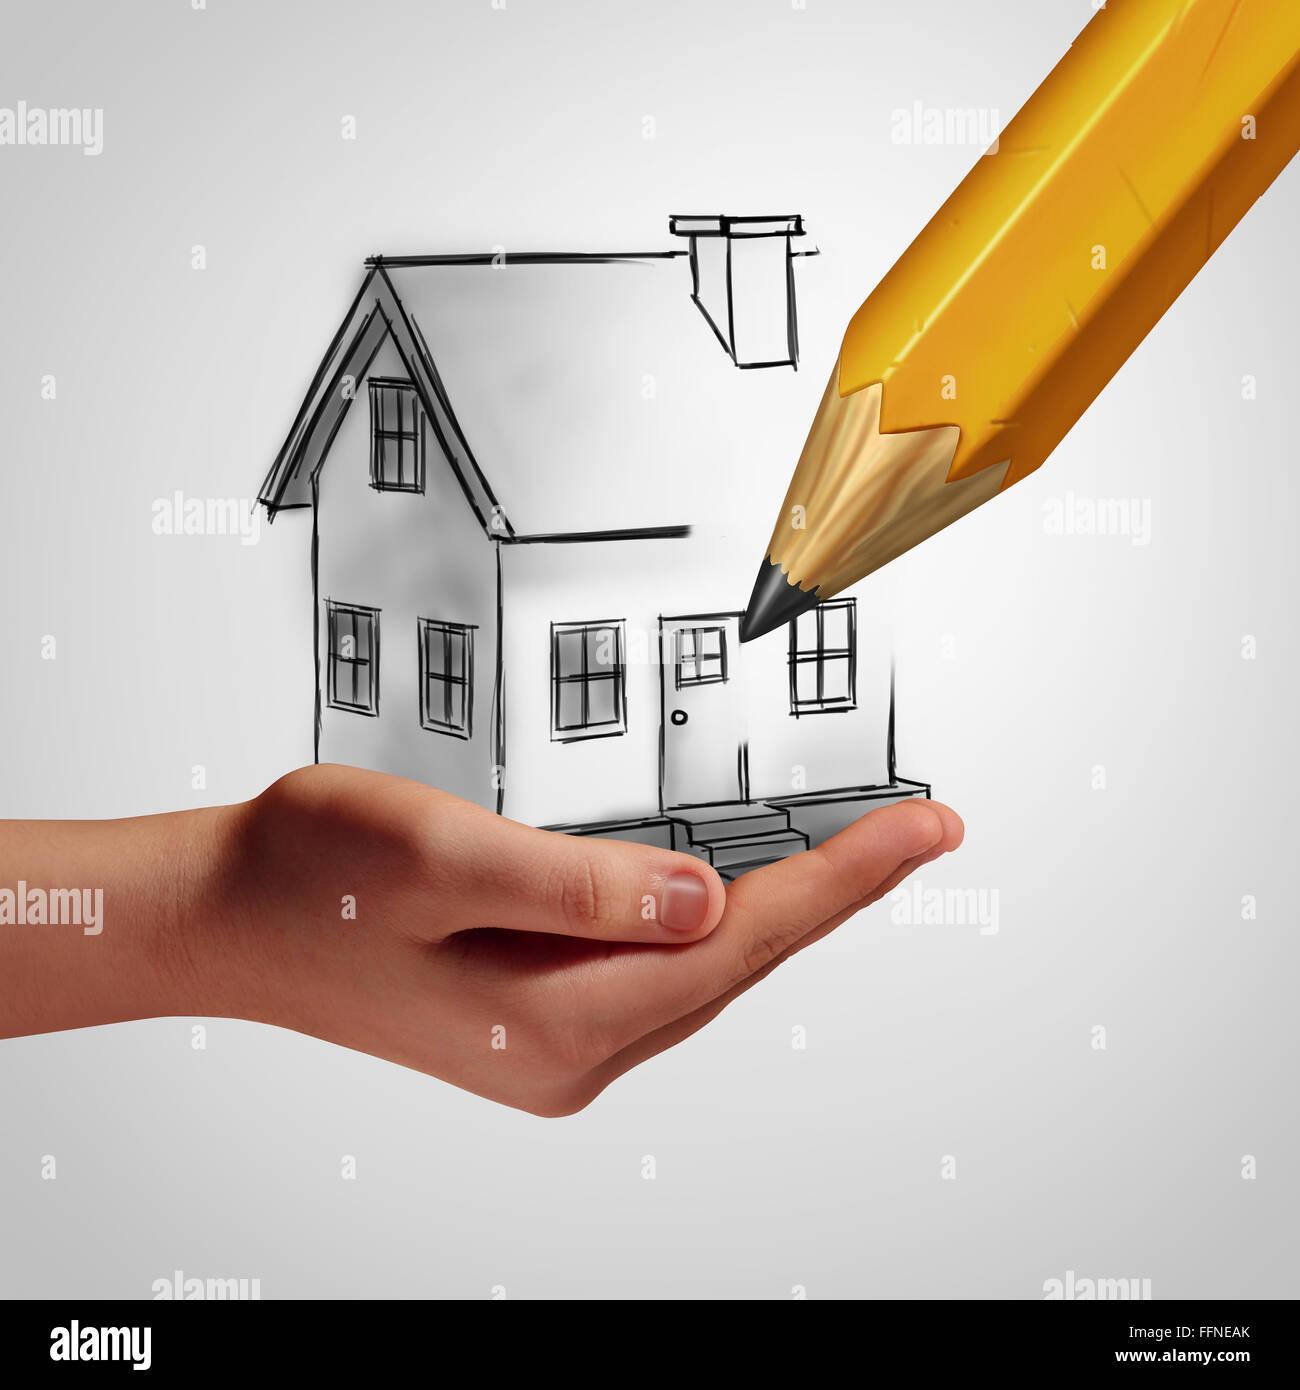 Dream home concepto como una mano sujetando un dibujo de una casa familiar que ha sido dibujado por un lápiz Imagen De Stock